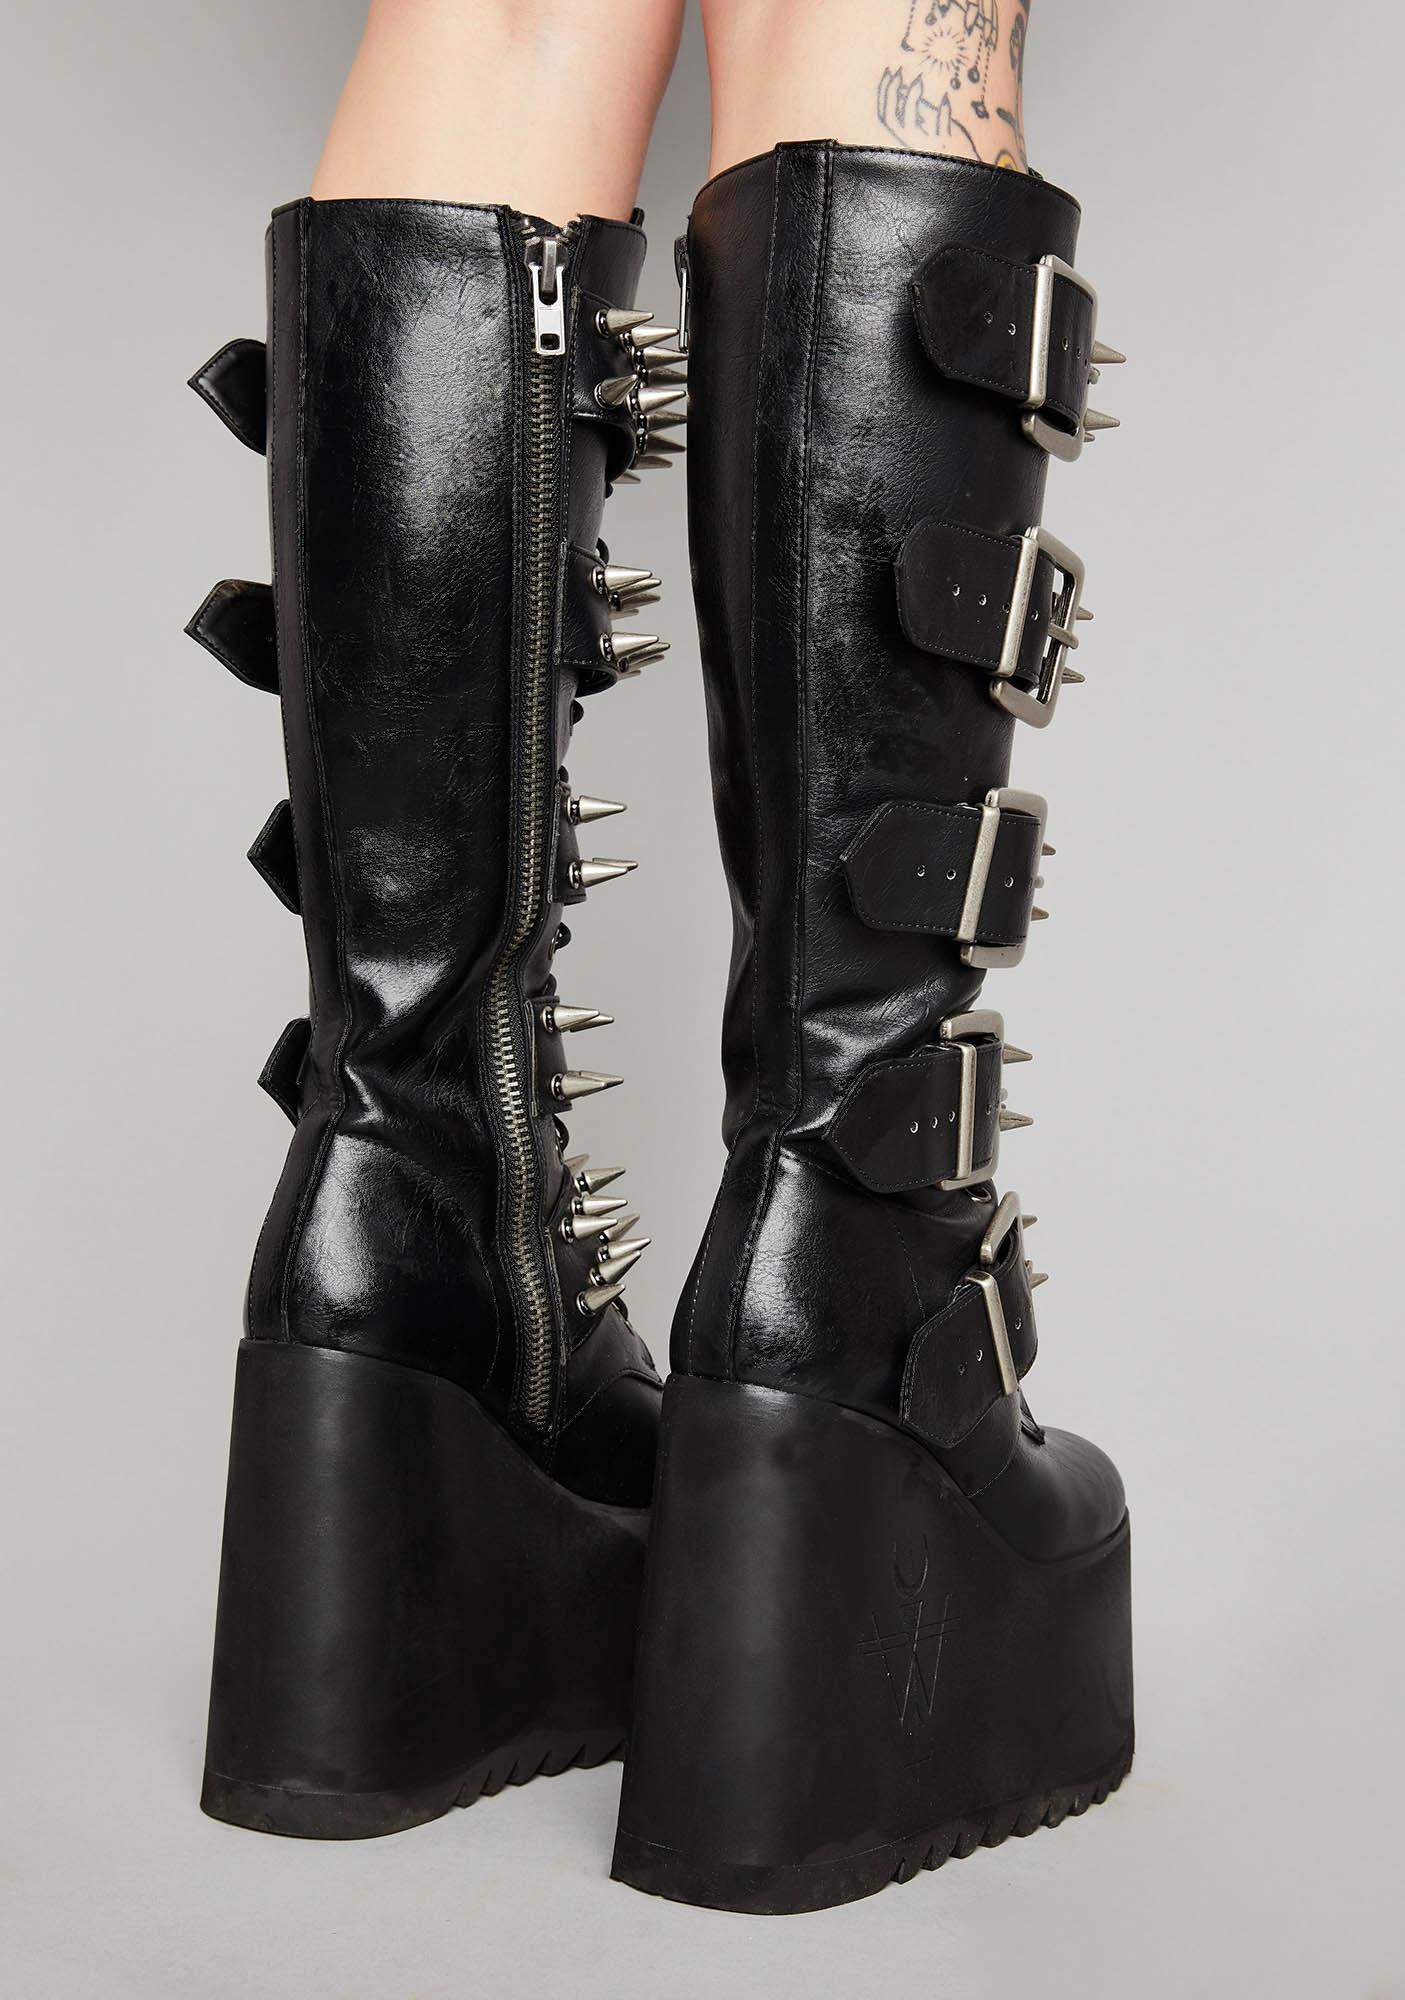 9eddbad17445c Appetite For Destruction Platform Boots